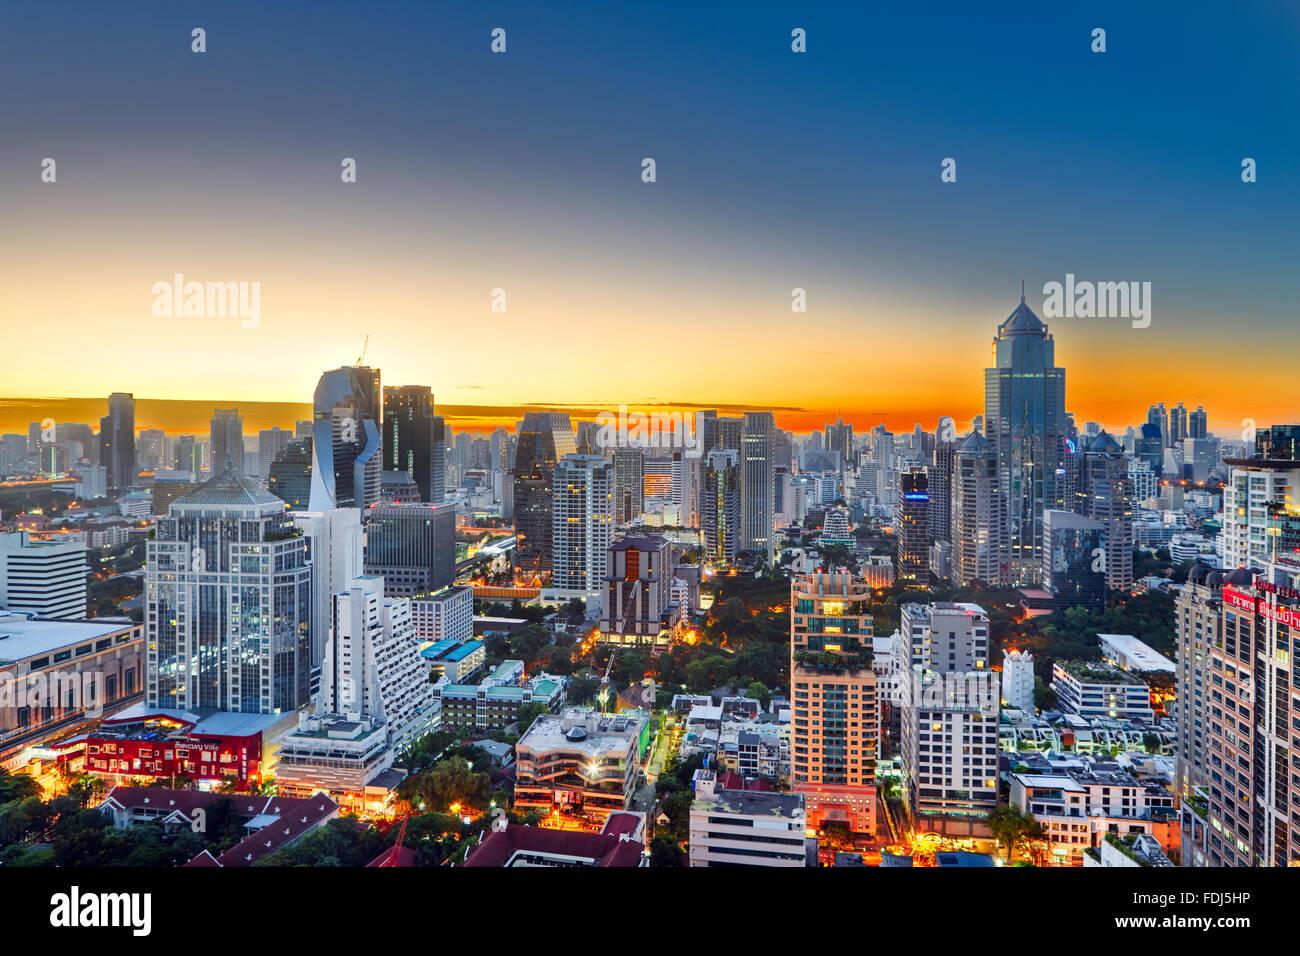 Elevada con vistas a la ciudad, al amanecer. Bangkok, Tailandia. Imagen De Stock